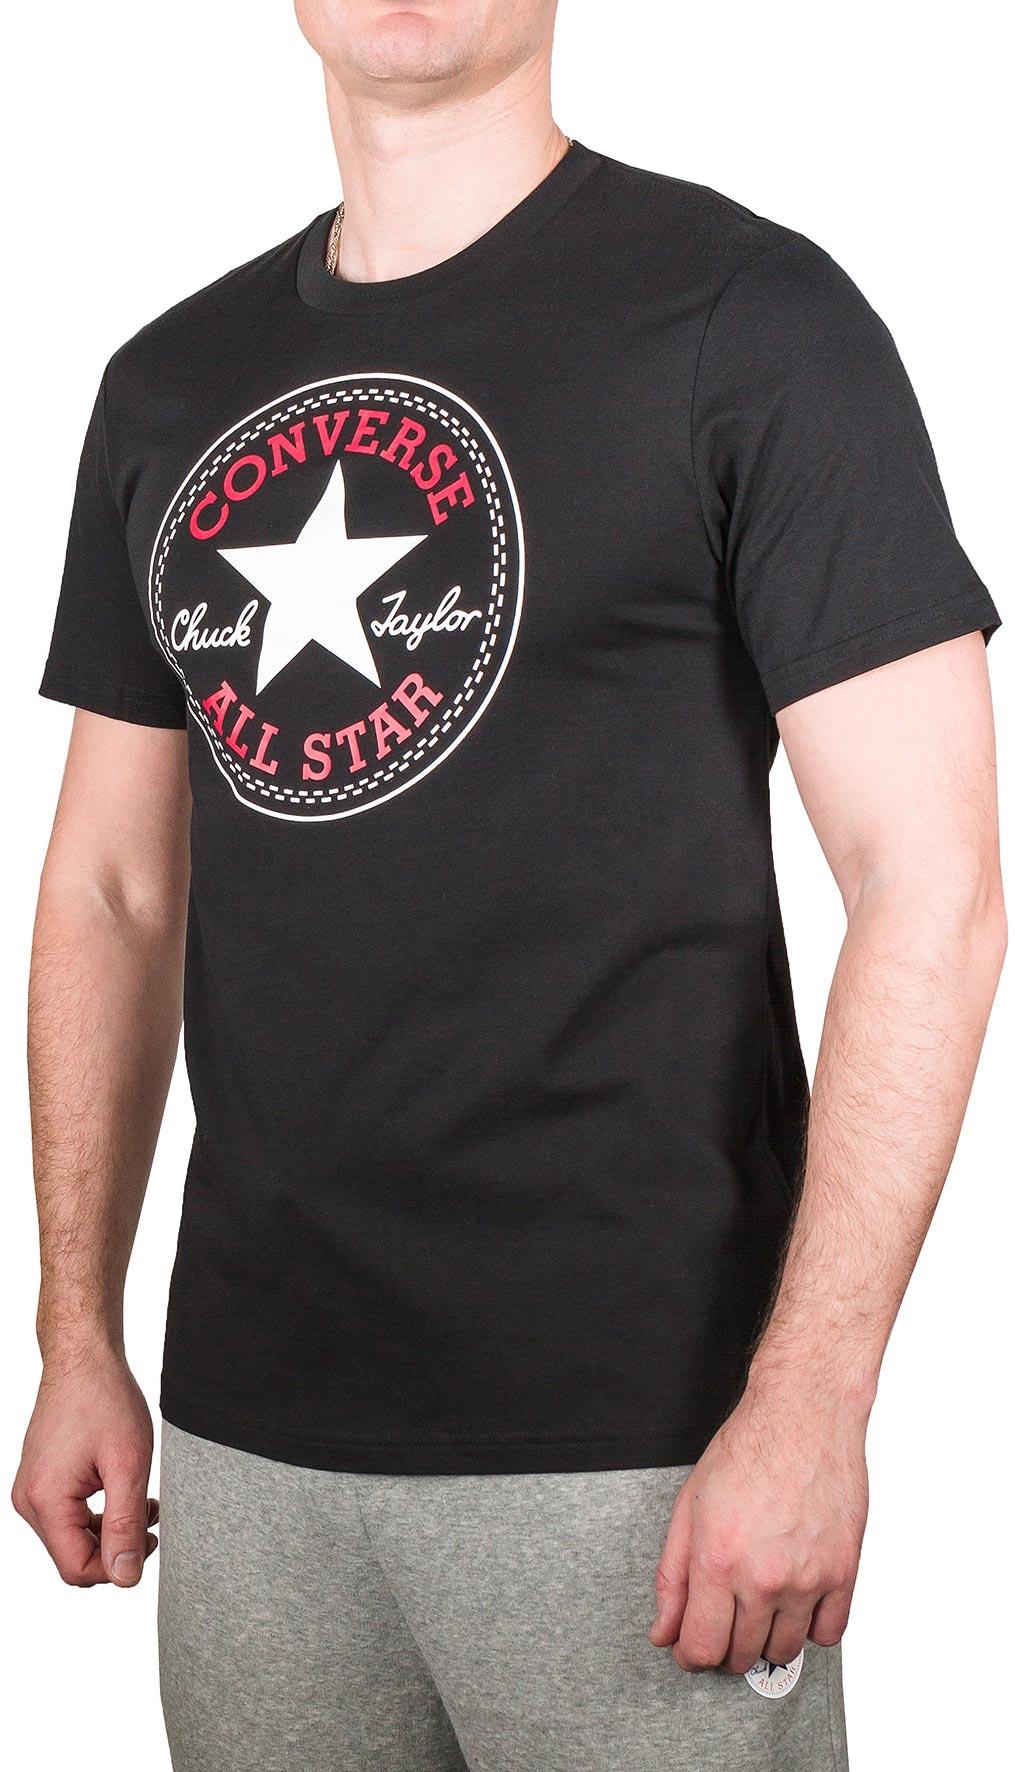 81dcafe676c Converse CORE CHUCK PATCH TEE. Pánské tričko